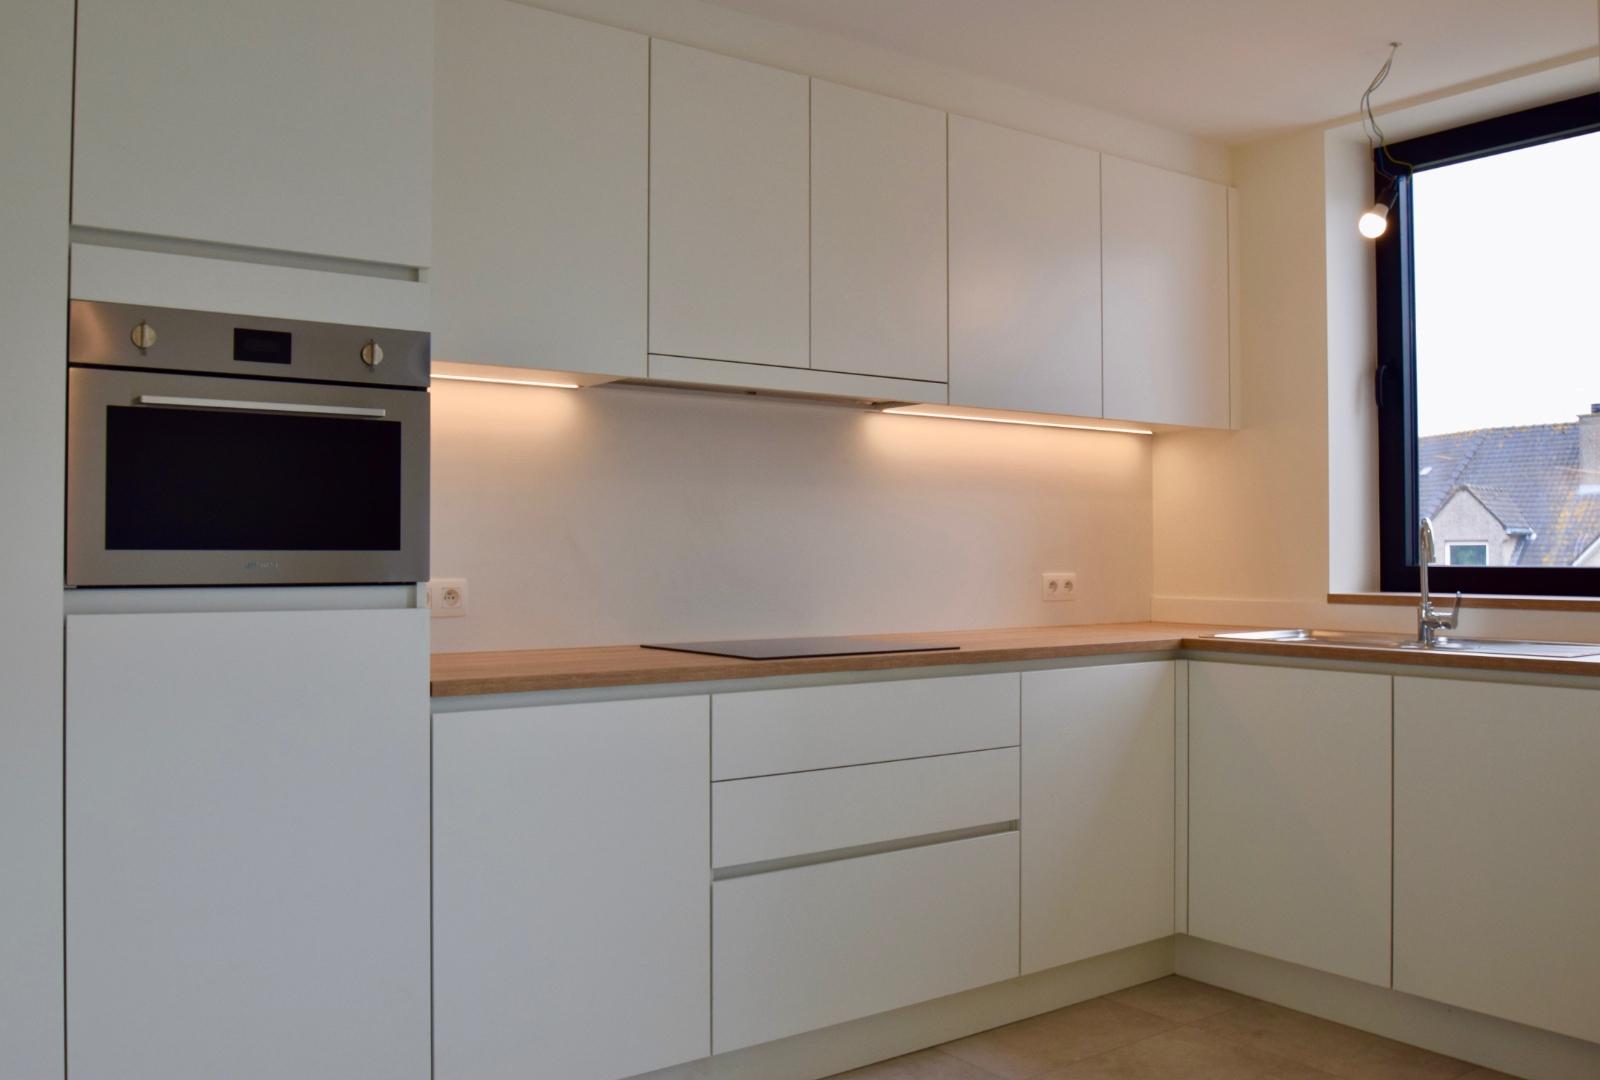 Nieuw appartement in het centrum van Diksmuide - 4